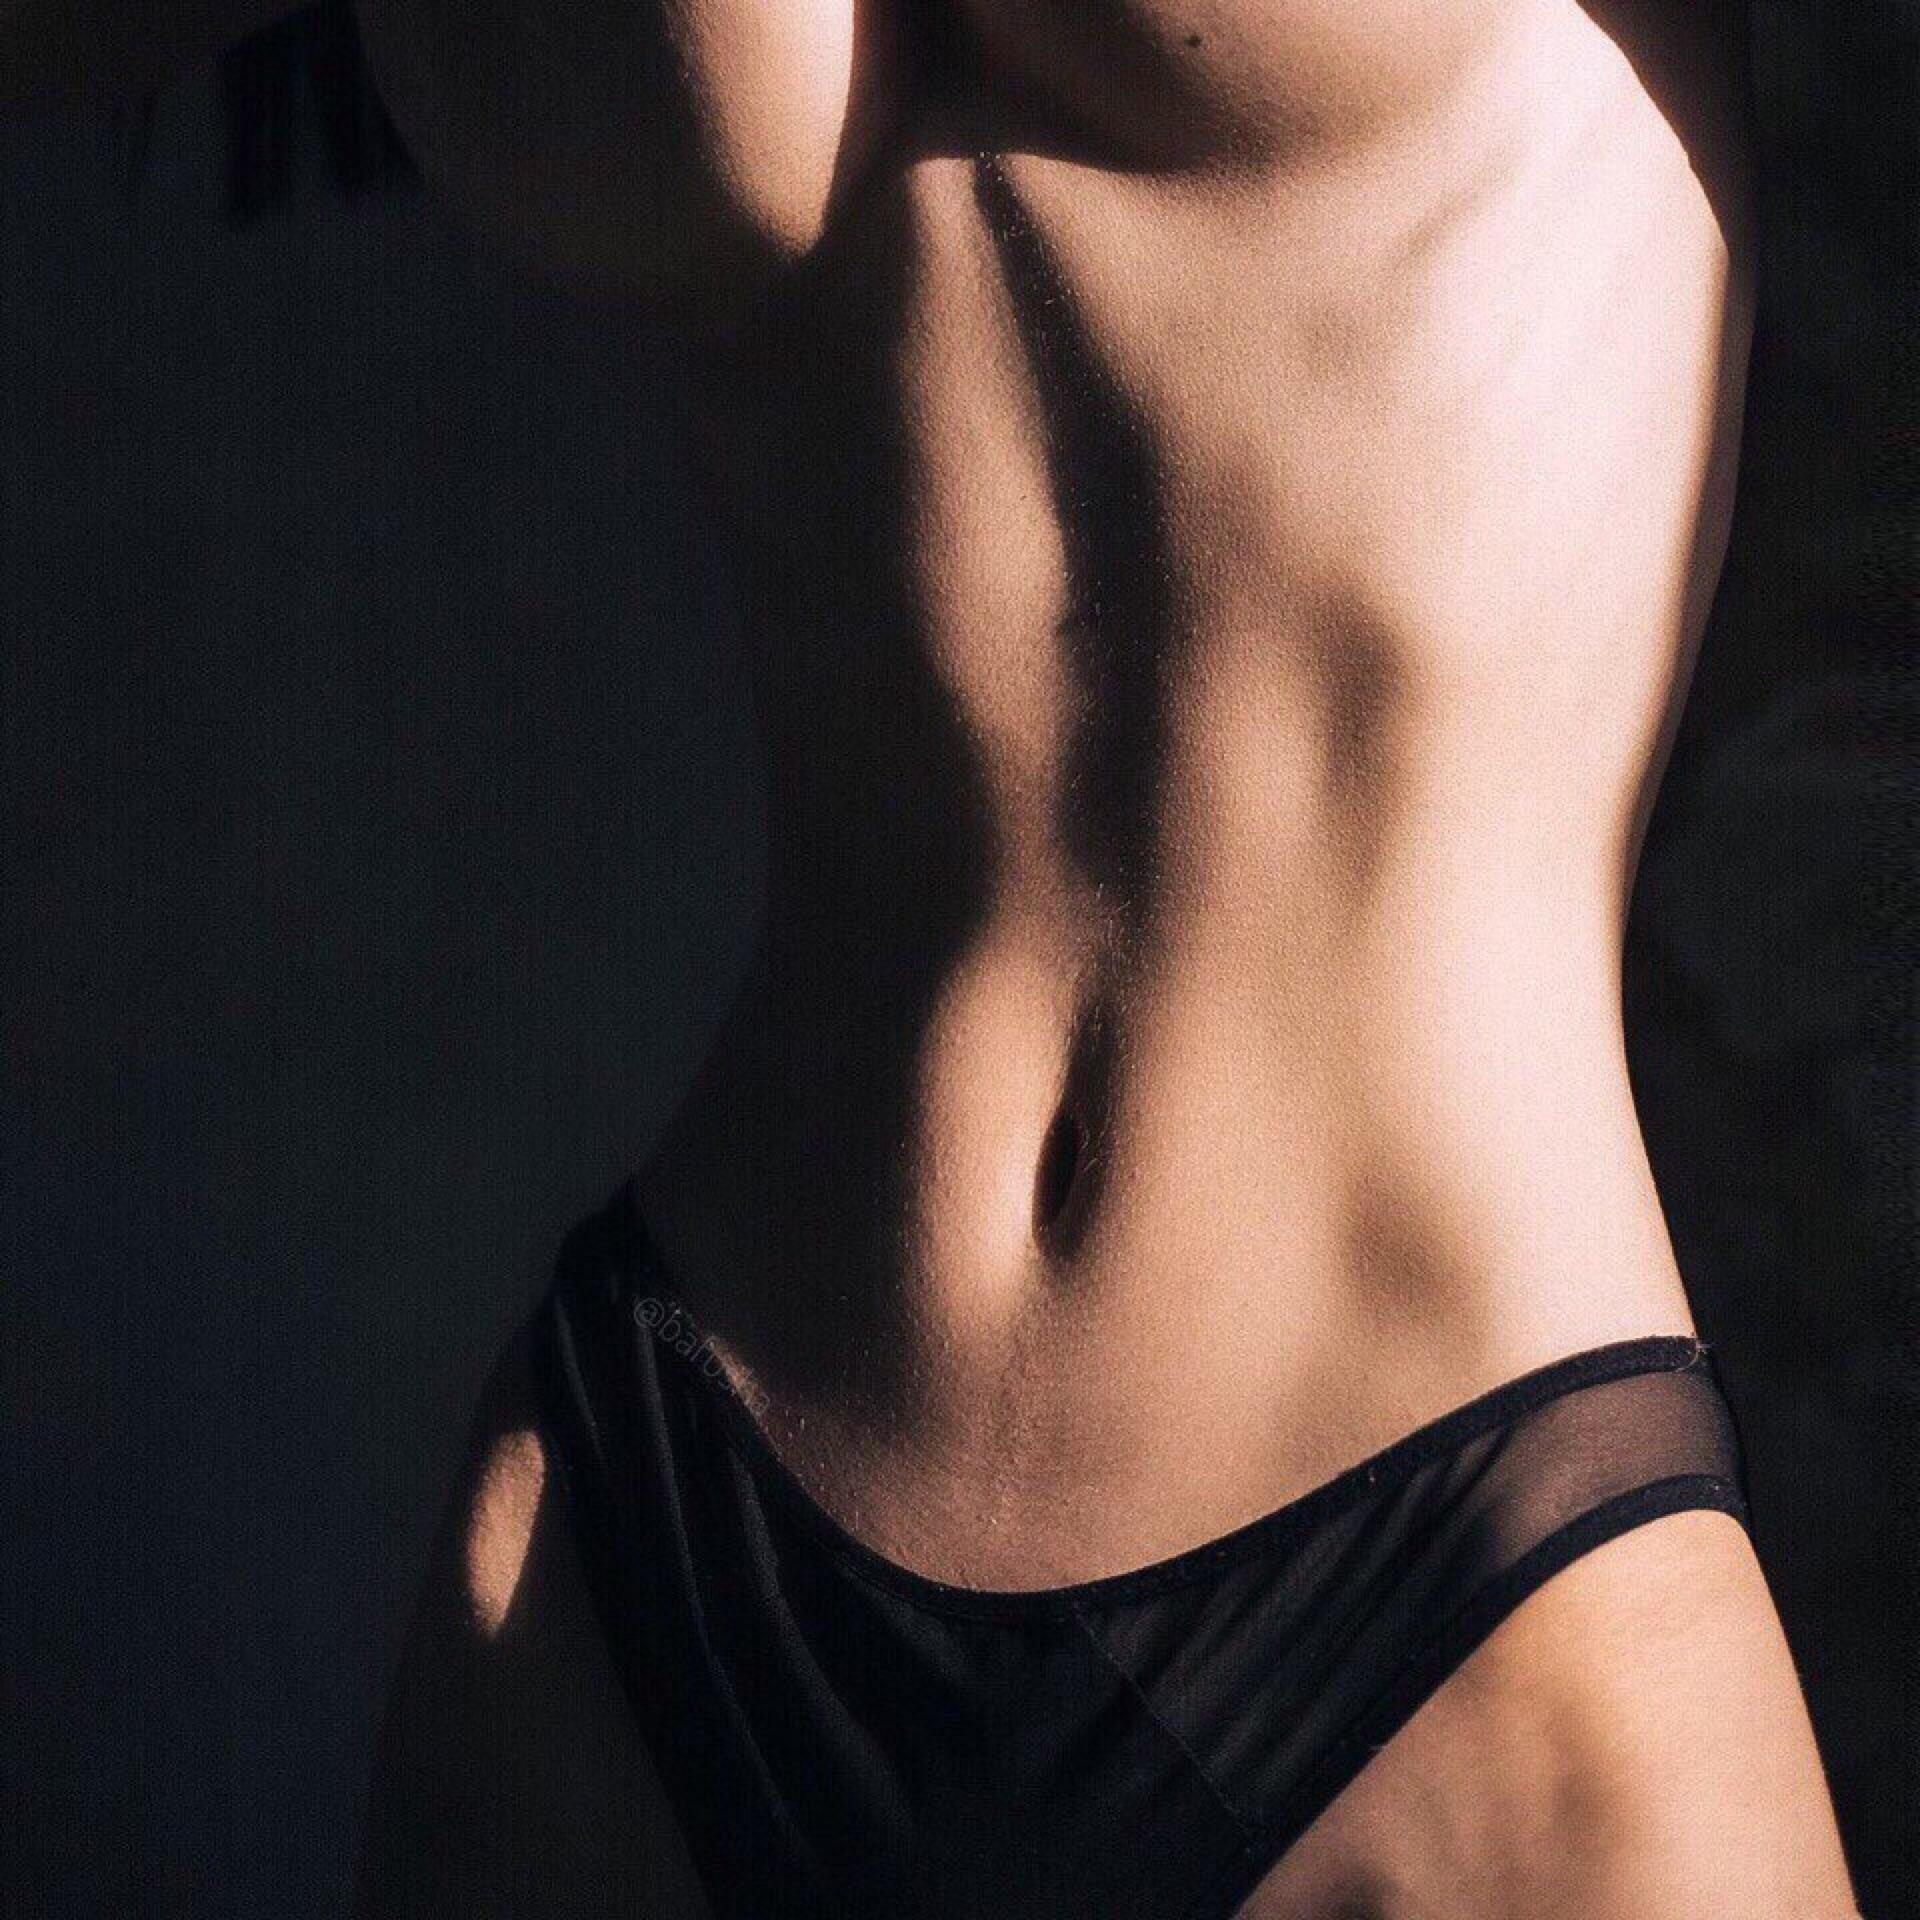 Картинки части тела девушек